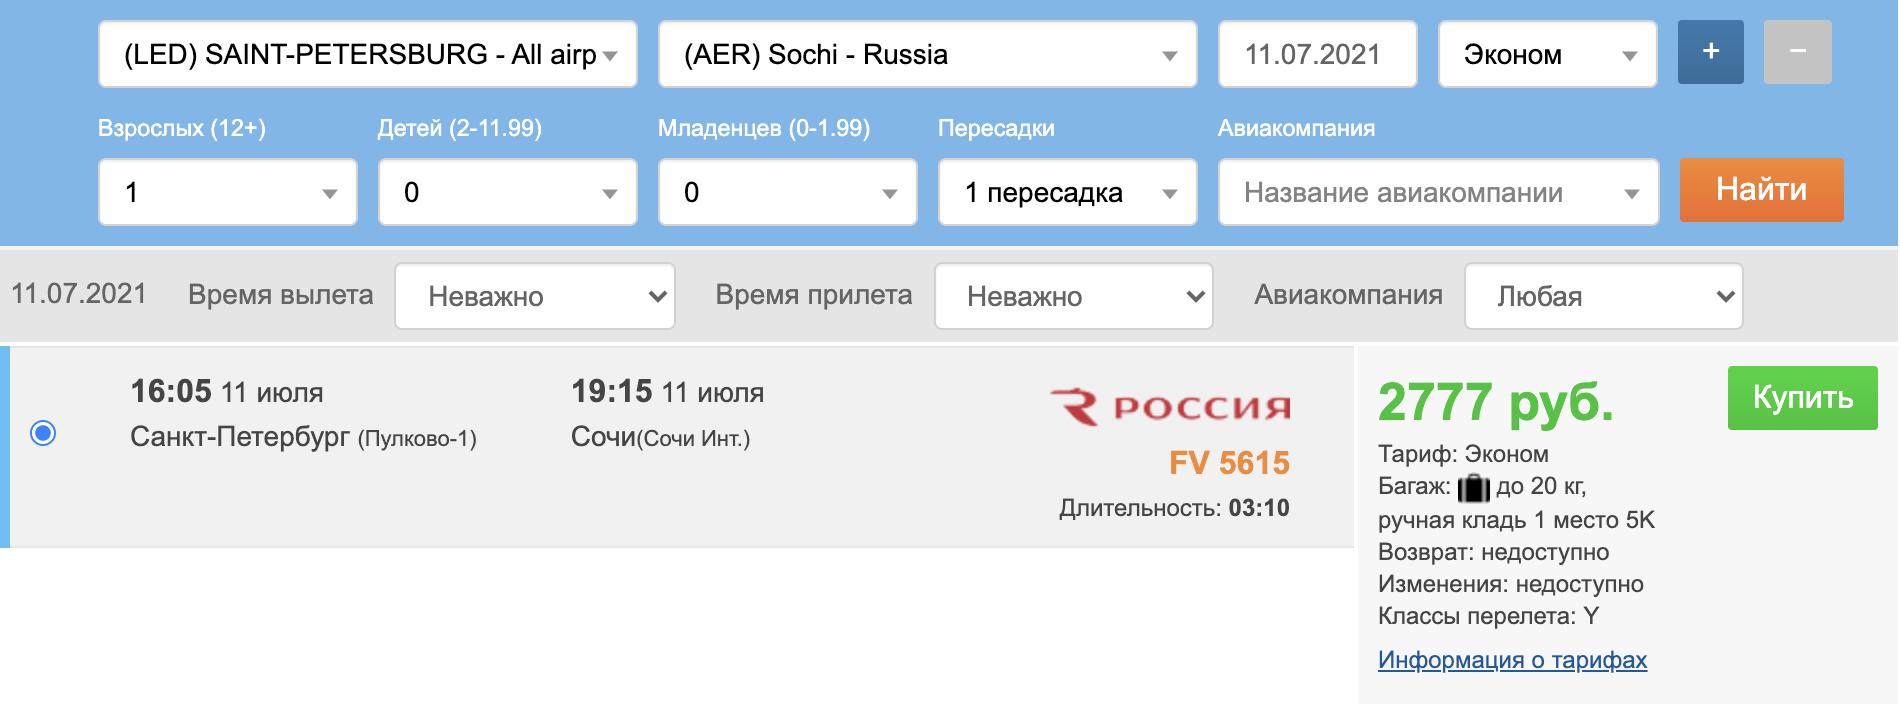 В воскресенье! Дешевые чартеры из СПб в Сочи за 4400₽ туда-обратно